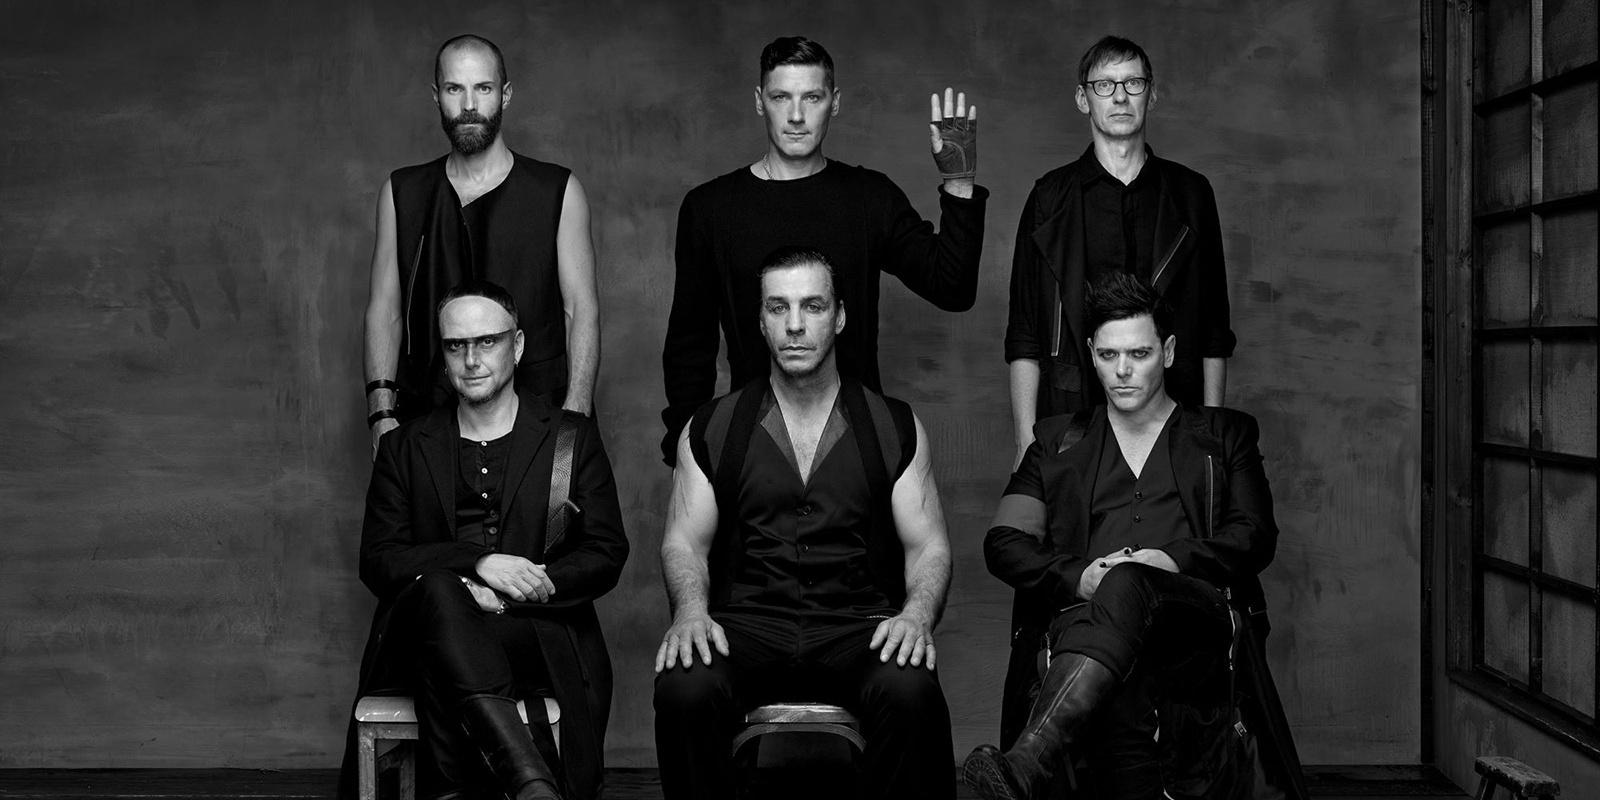 Rammstein tease new music video – watch